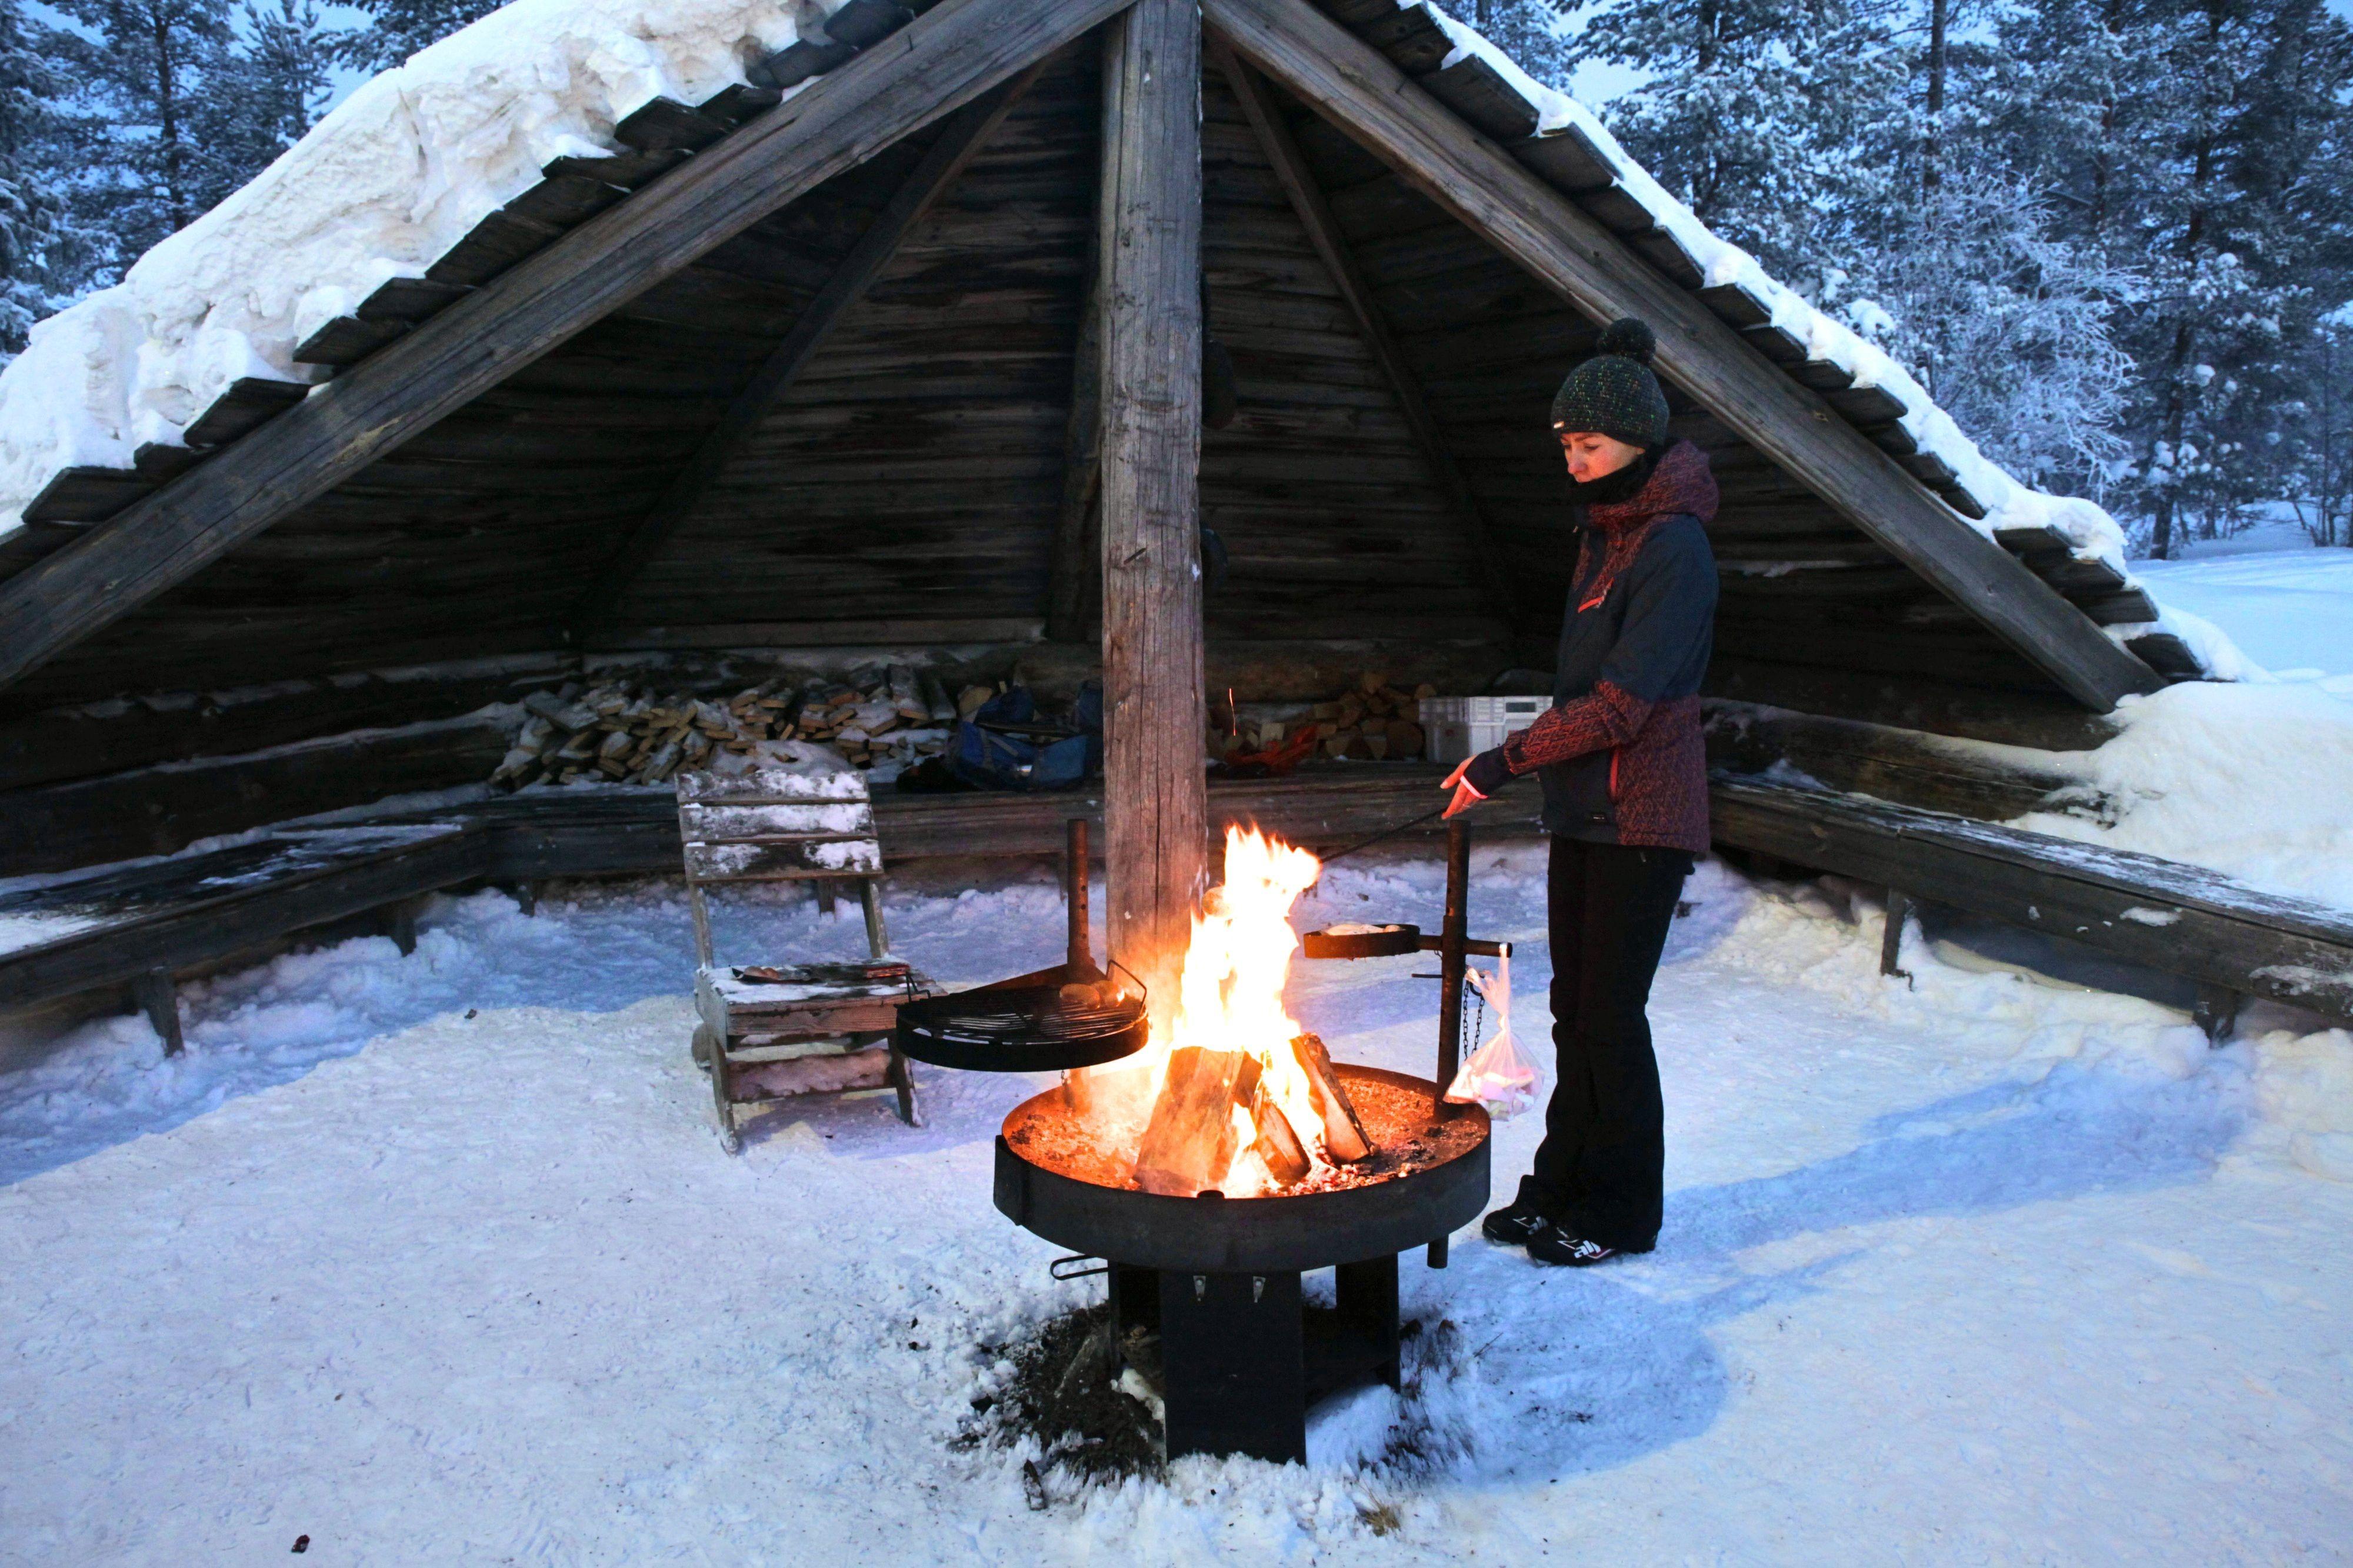 Aprés Ski mal anders: Statt Schnaps und Kaiserschmarren gibt's Lagerfeuer und Marshmallows!